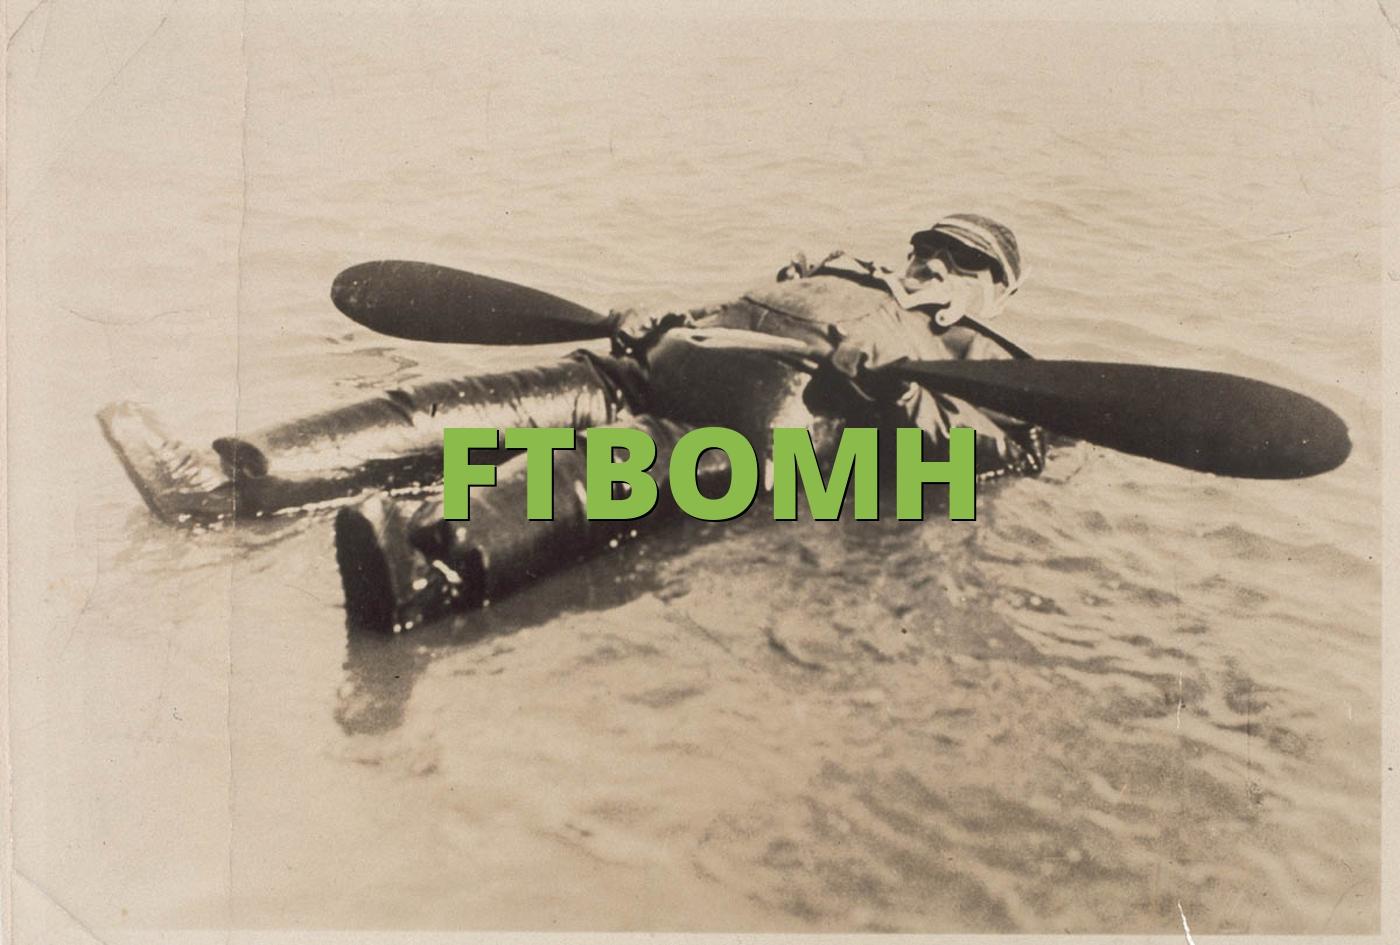 FTBOMH